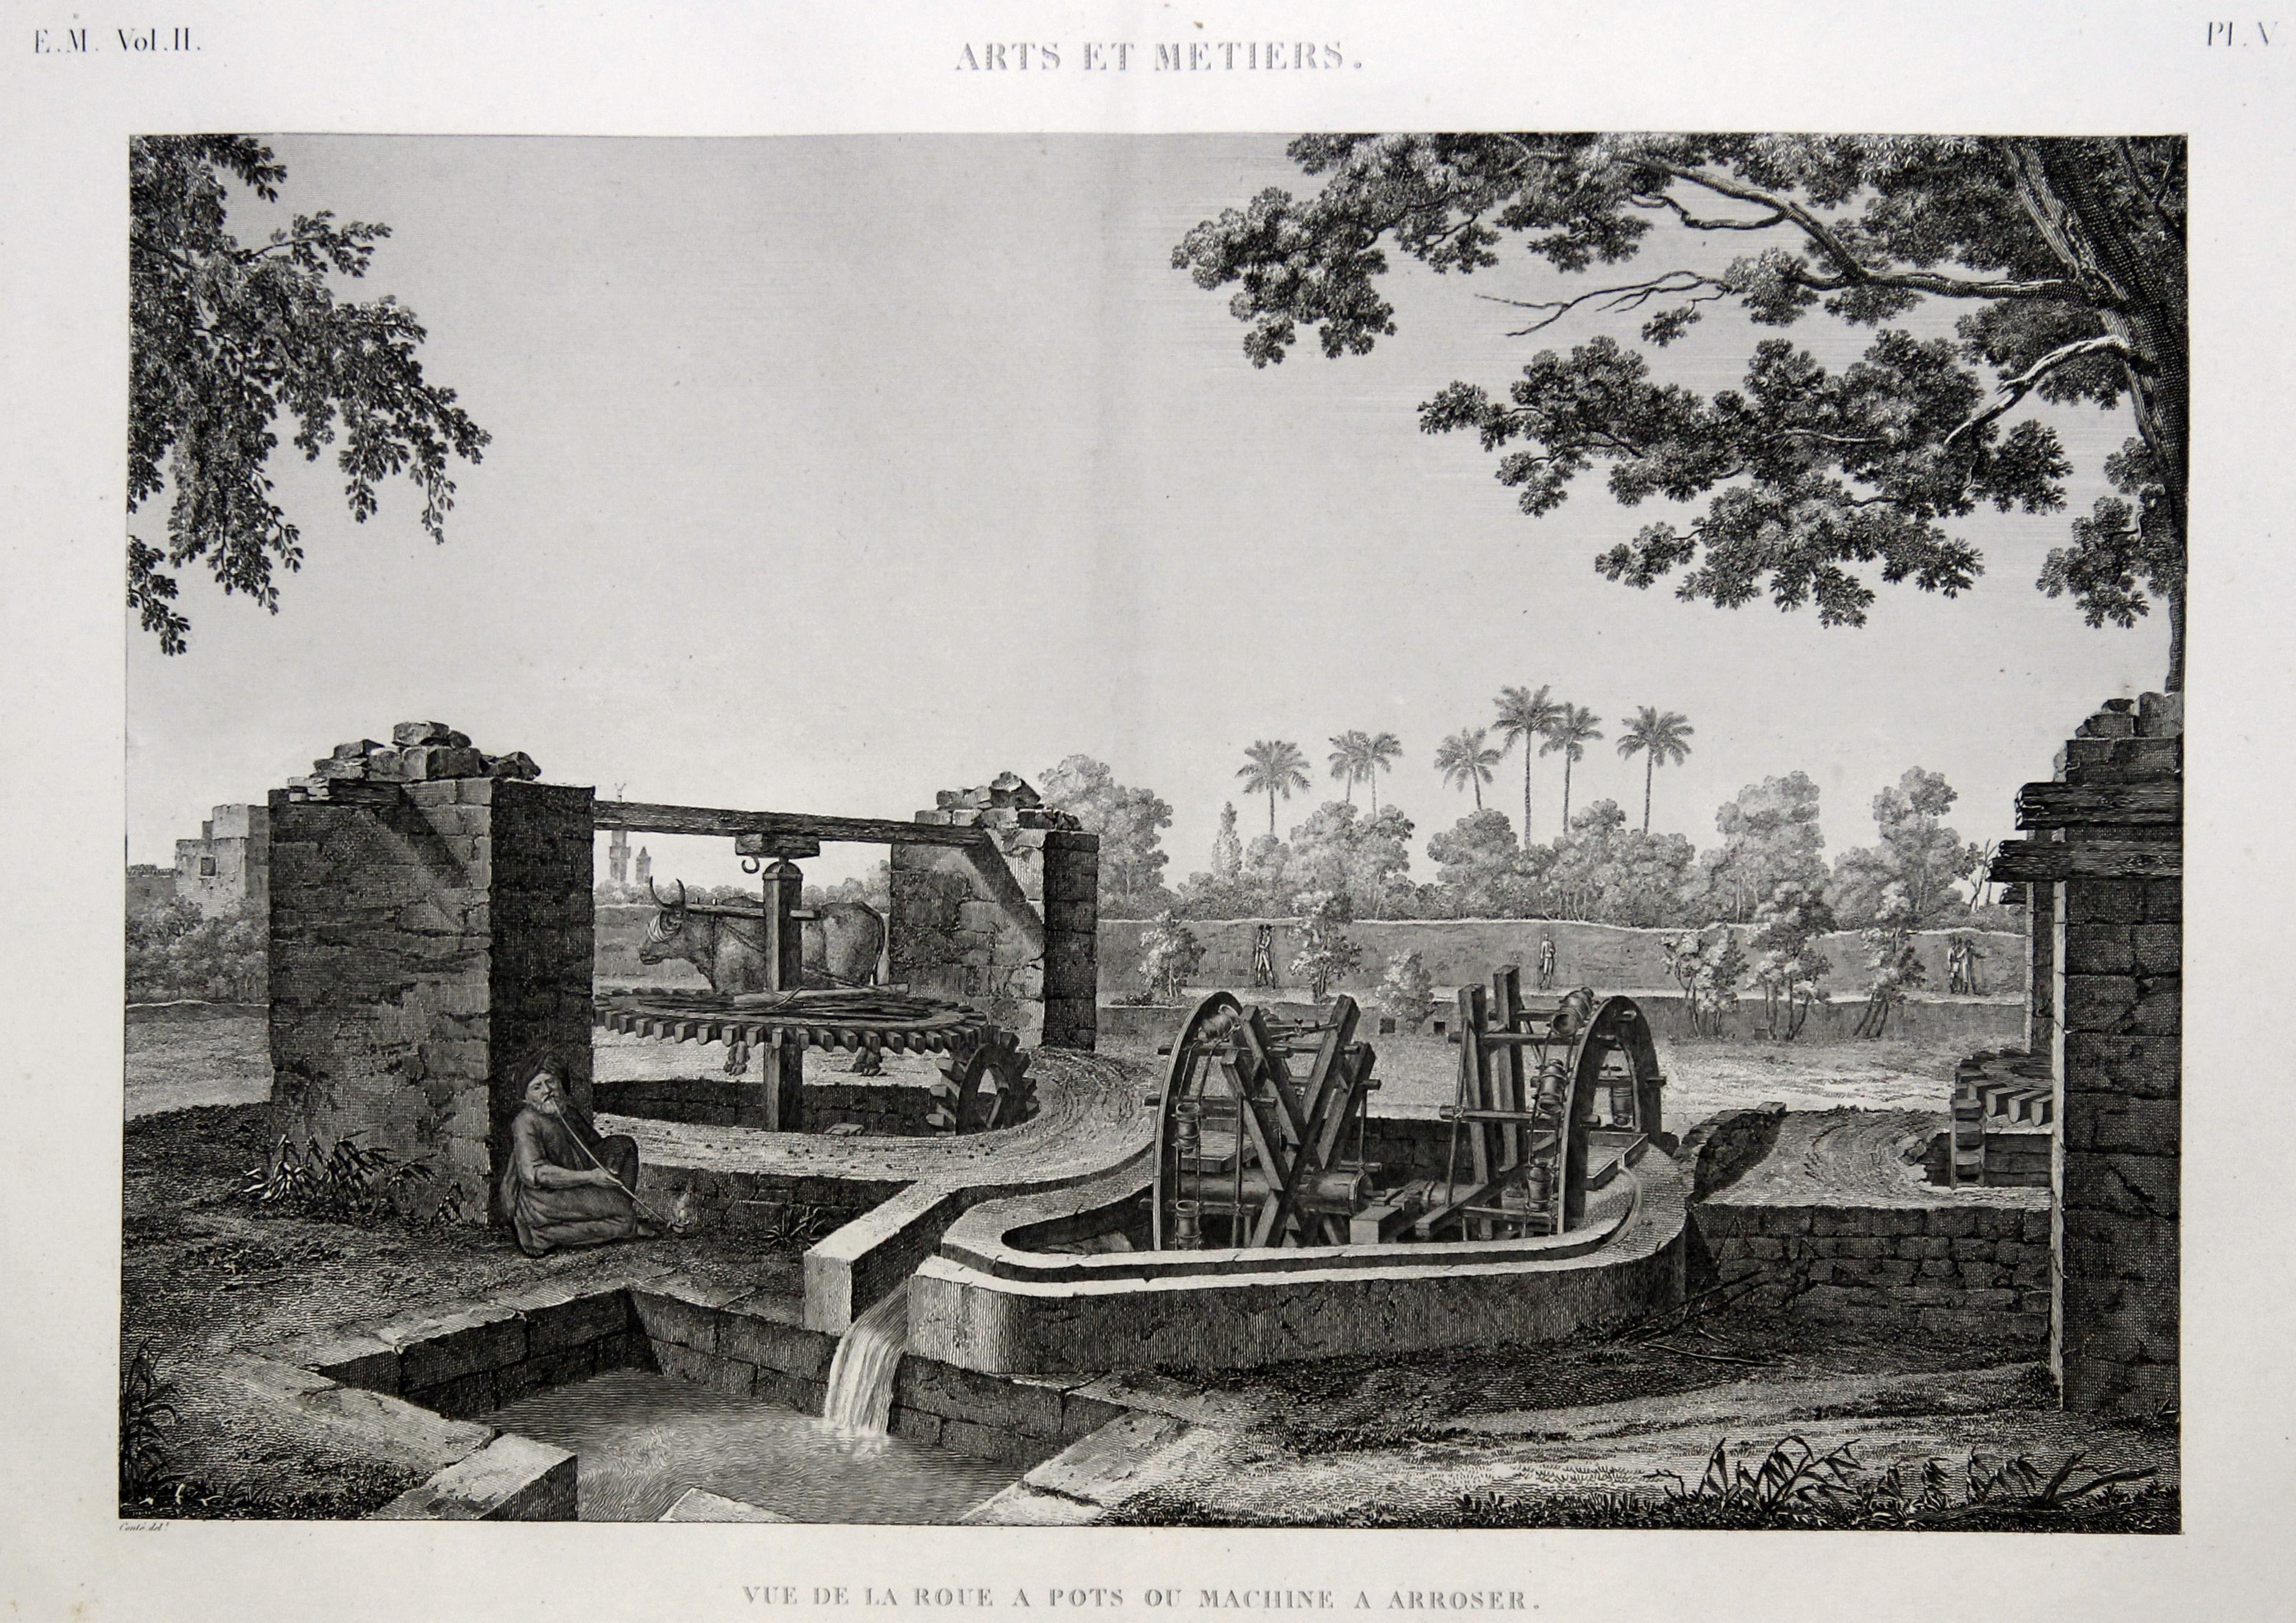 Arts et Metiers: Vue de la roue a pots ou machine a arroser. ÄGYPTEN ( Egypt ): ETHNOLOGIE: